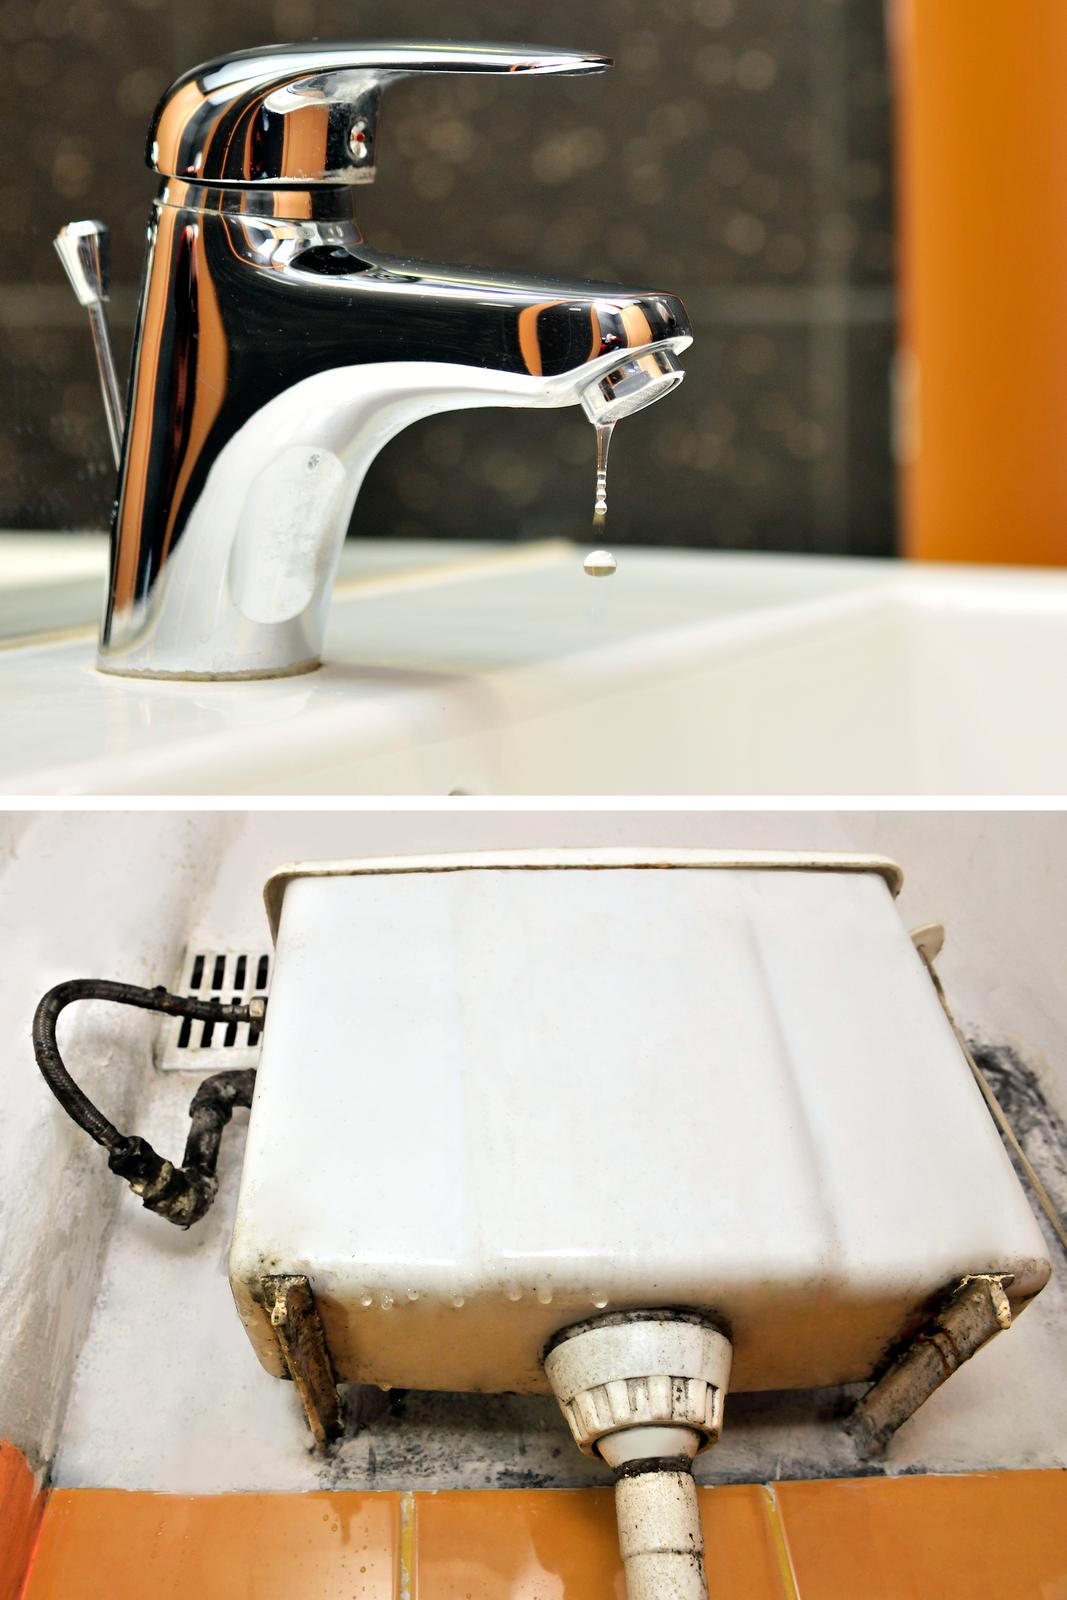 Pierwsza ilustracja wgalerii. Składa się zdwóch zdjęć umieszczonych jedno nad drugim. Na pierwszym widać baterię umywalkową oglądaną zboku, model zpojedynczą dźwignią, tak zwanym mieszadłem. Zsitka wylotowego cieknie woda. Zdjęcie dolne przedstawia stary, mocno przeciekający zbiornik wody wtoalecie typu górnopłuk. Ściana za zbiornikiem pokryta jest naciekami igrzybem.